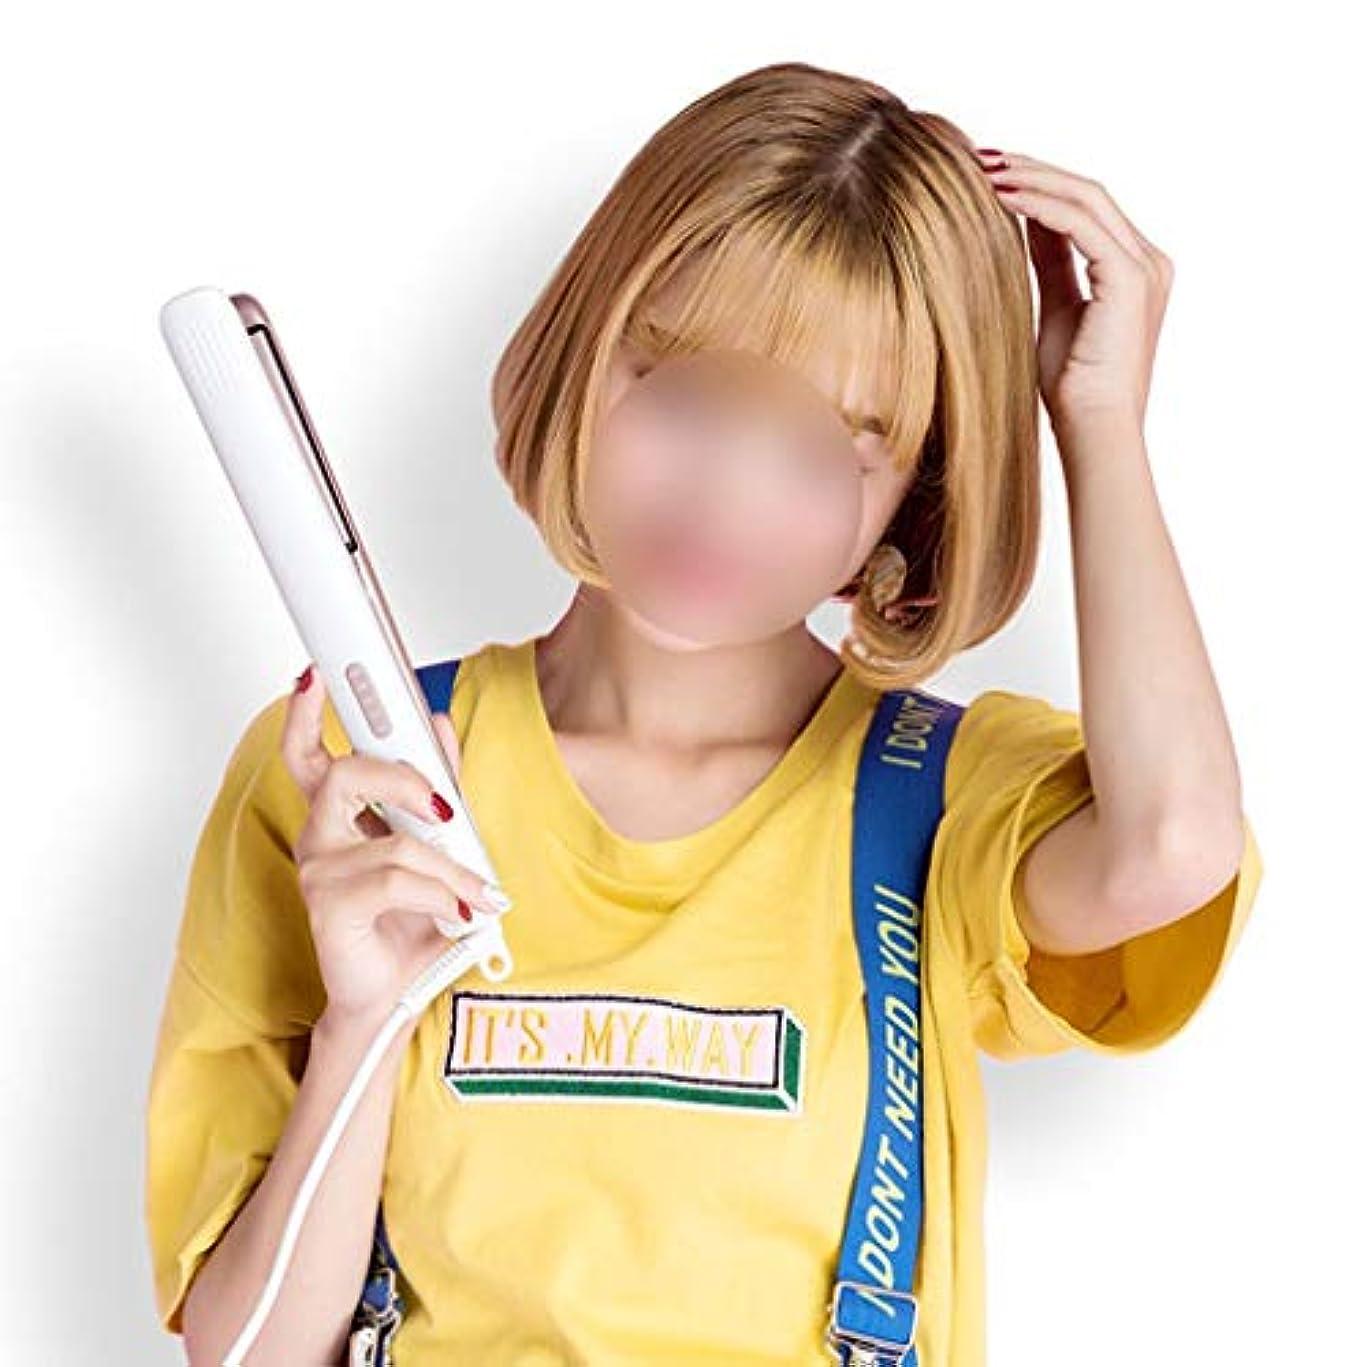 寛大さ補助雪だるまJLHRB 5スピード温度制御セラミックストレートヘアスプリントスプリントストレートヘアカーリーヘアデュアルユースは髪を傷つけません